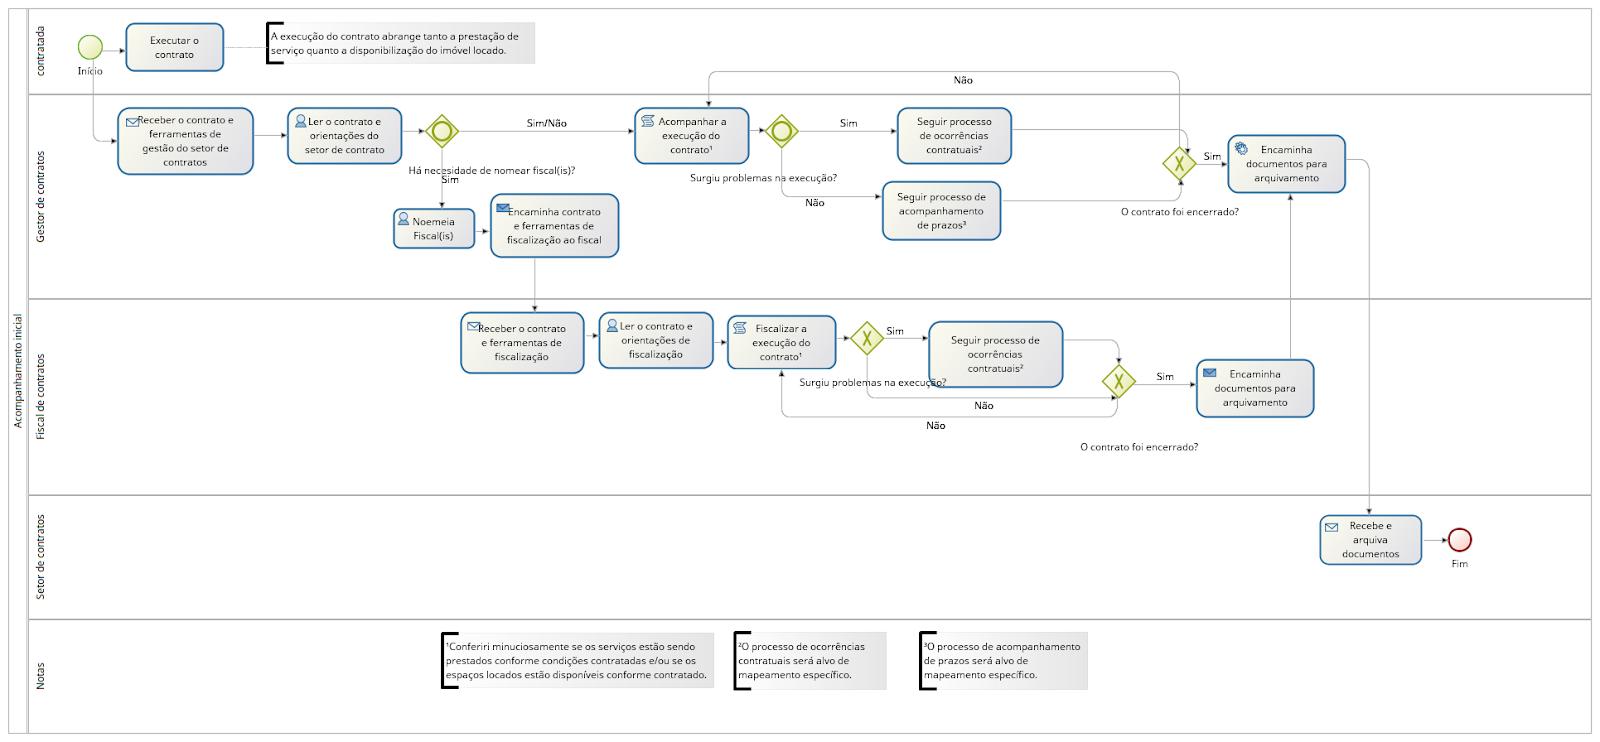 Gestão e fiscalização de contratos  início 1-1.1.png